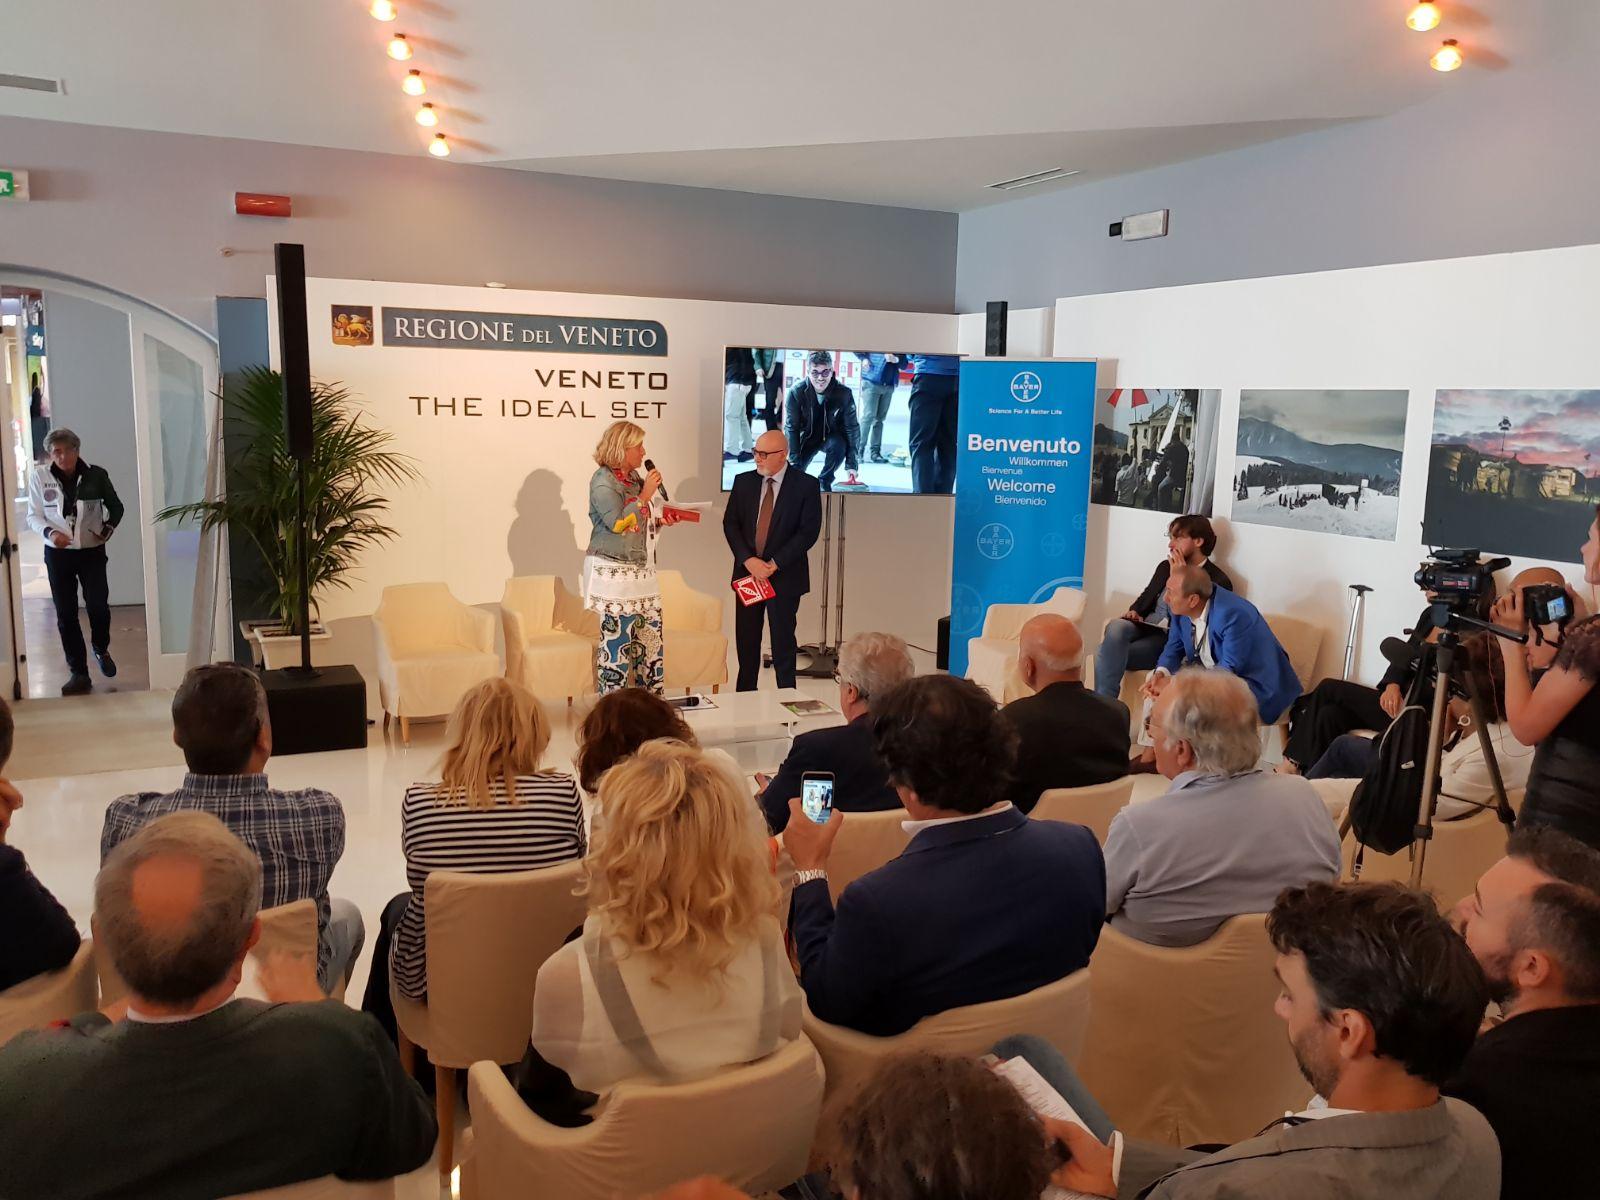 conferenza-stampa-venezia-2017 (1)